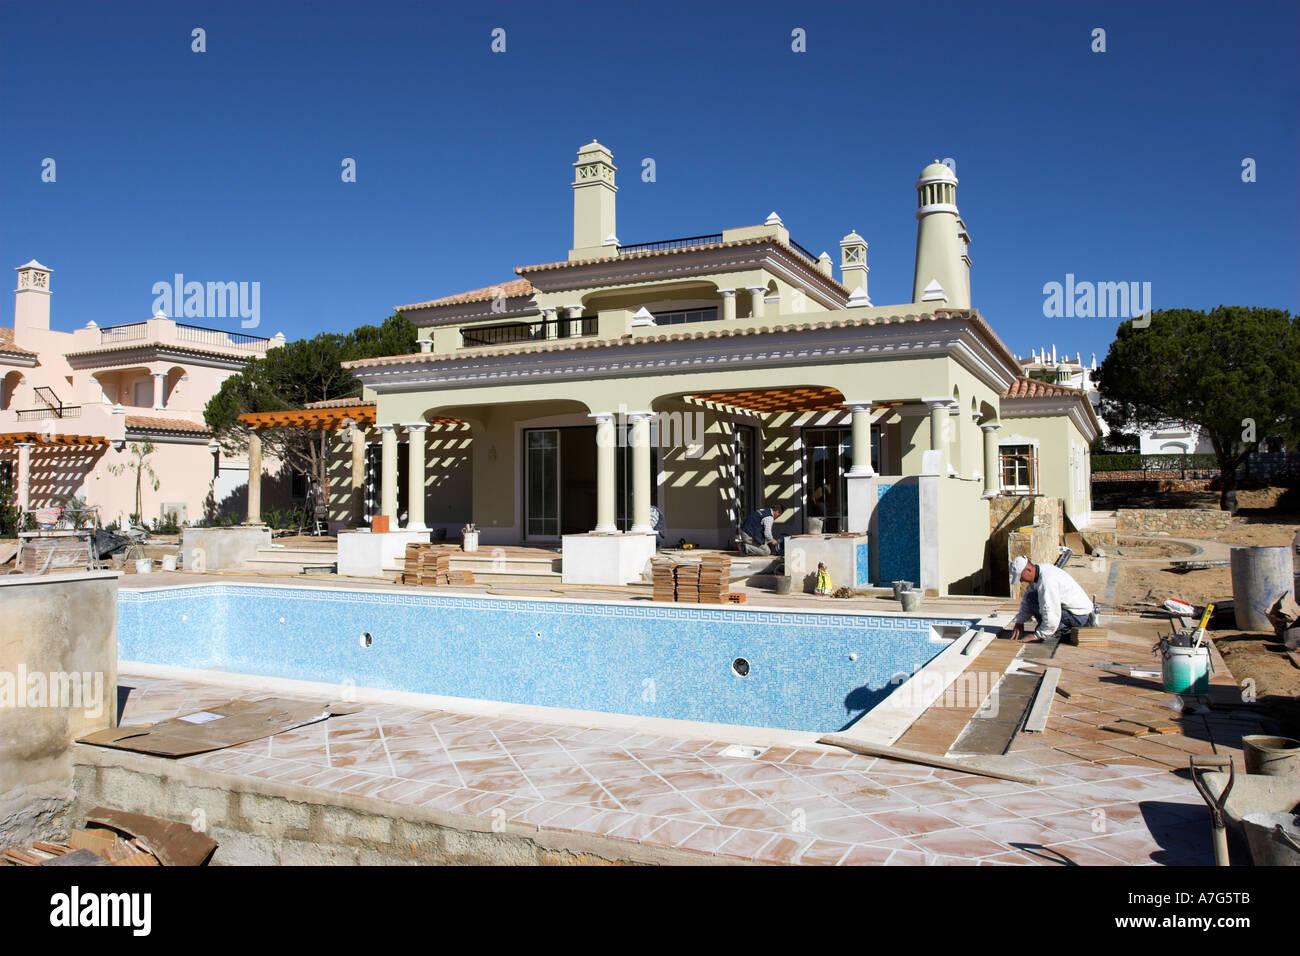 Luxus Entwicklung Einer Neuen Villa Mit Grossem Pool Und Terrasse An